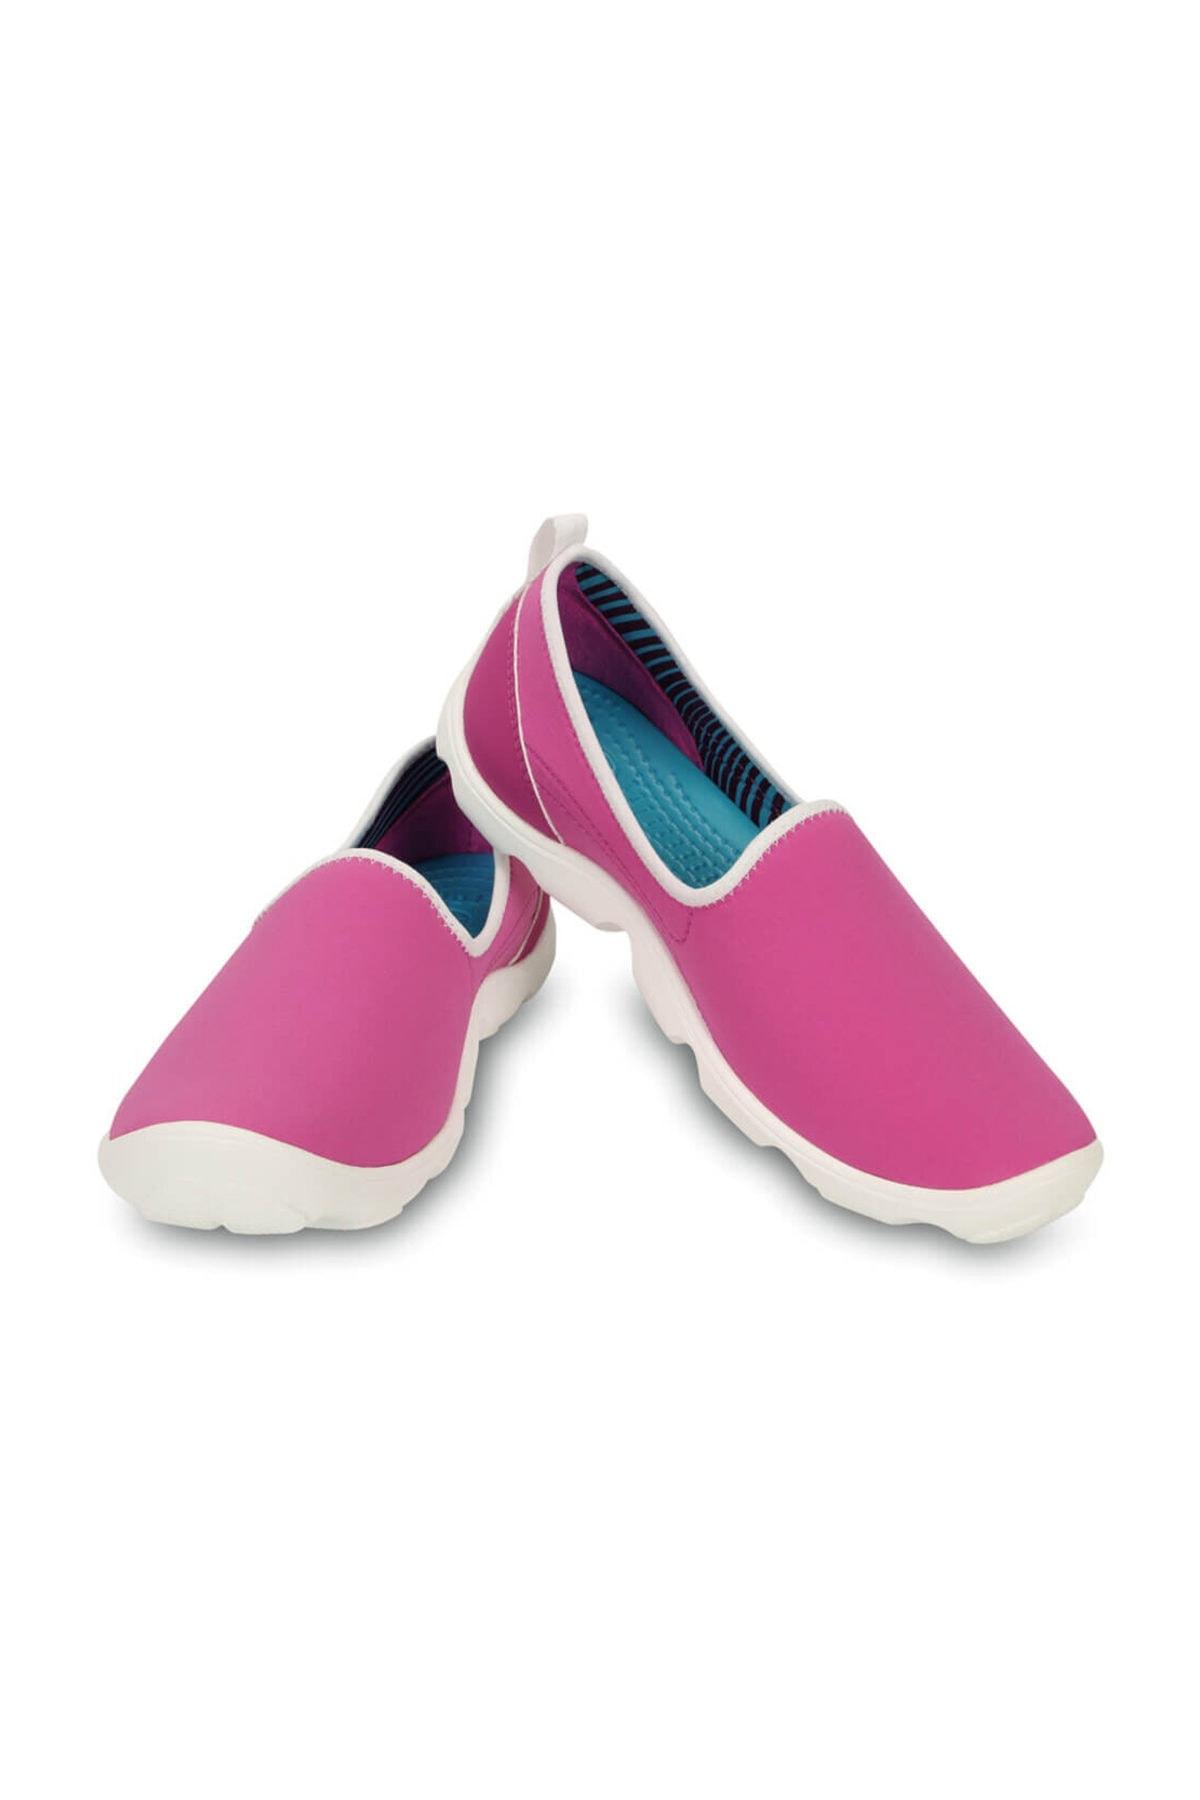 Crocs DUET BUSY DAY SKIMMER VIB Koyu Mor Kadın Sneaker Ayakkabı 100528956 1